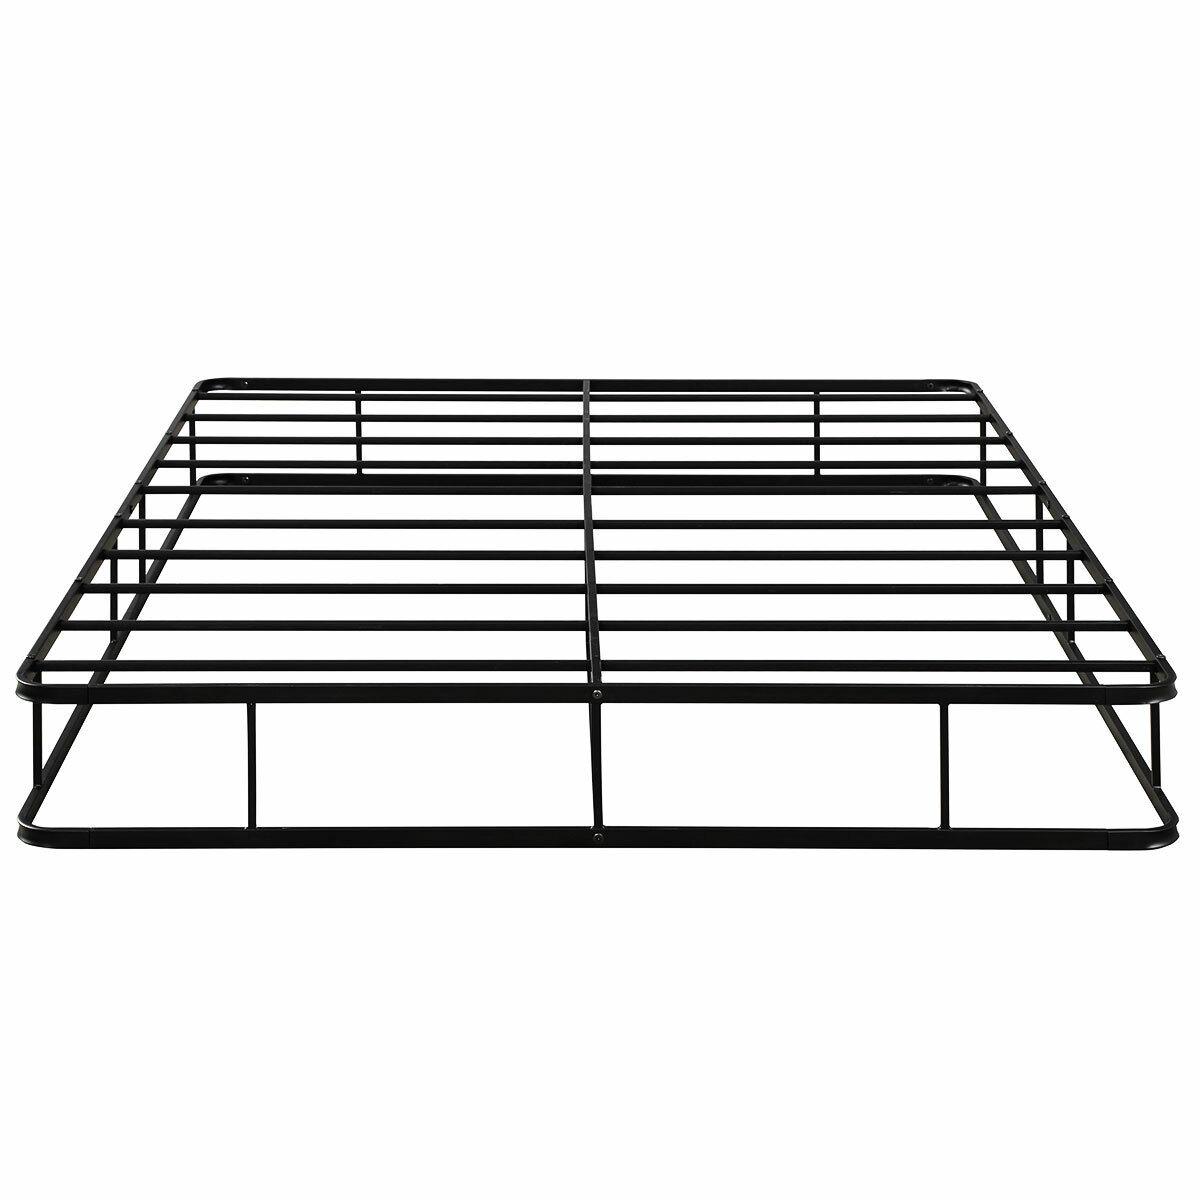 9 Inch Platform Low Profile Bed Frame Steel Slat Mattress Foundation King Home